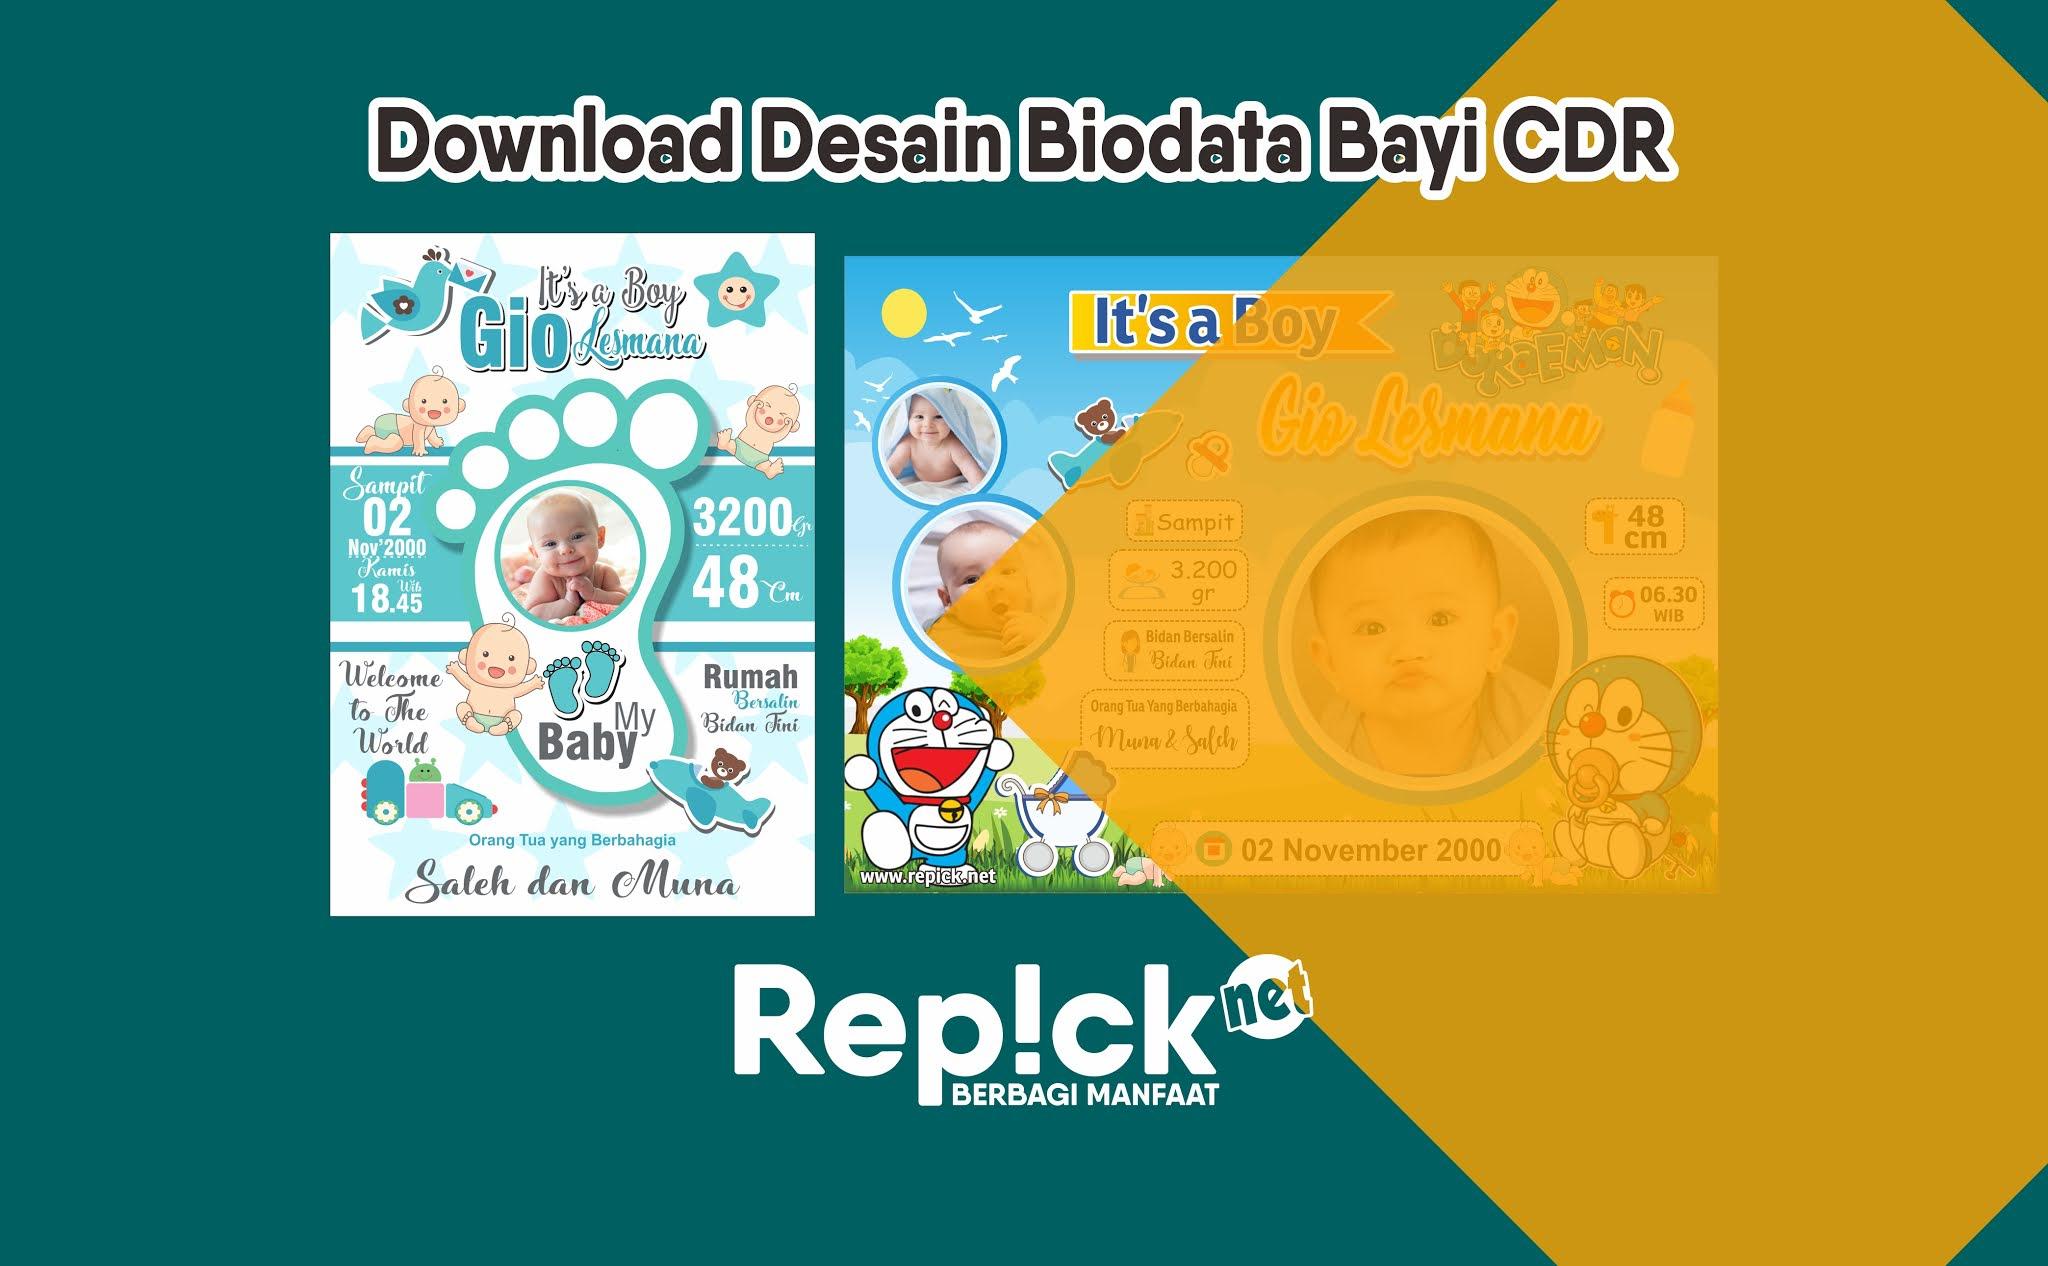 Desain biodata bayi cdr